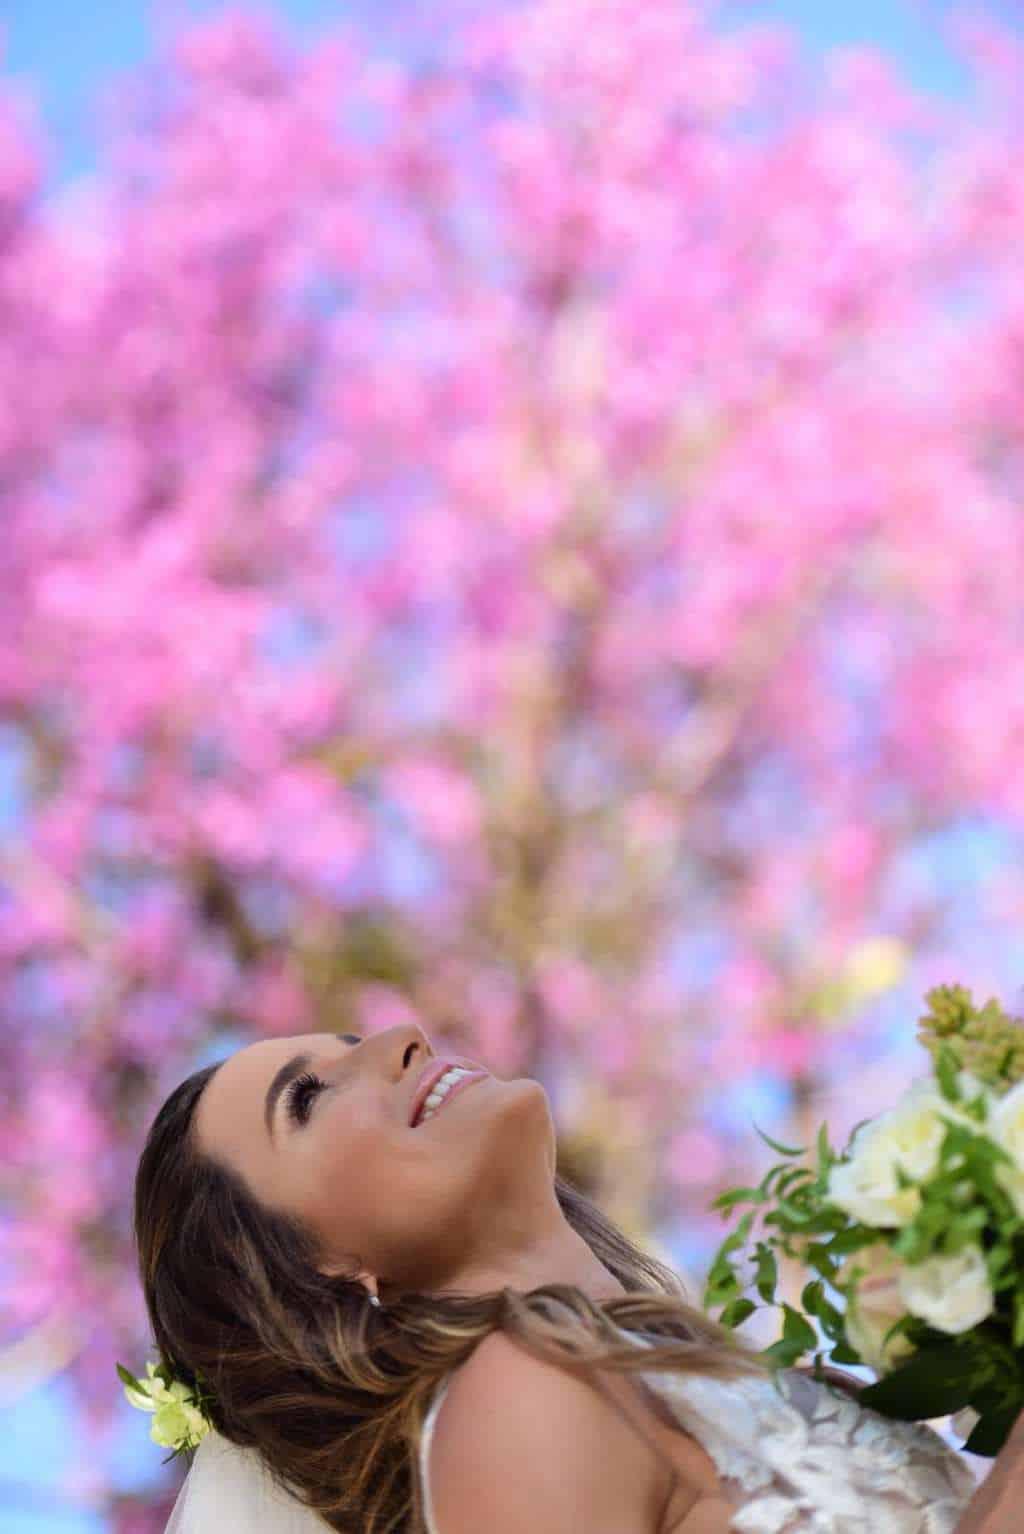 casamento-boho-Casamento-Nicolle-e-Pedro-casamento-rosa-Estalagem-Alter-Real-Fotografia-Estudio-Maria-Celia-Siqueira-Fotografia-Rosana-Sales-Goiania-85